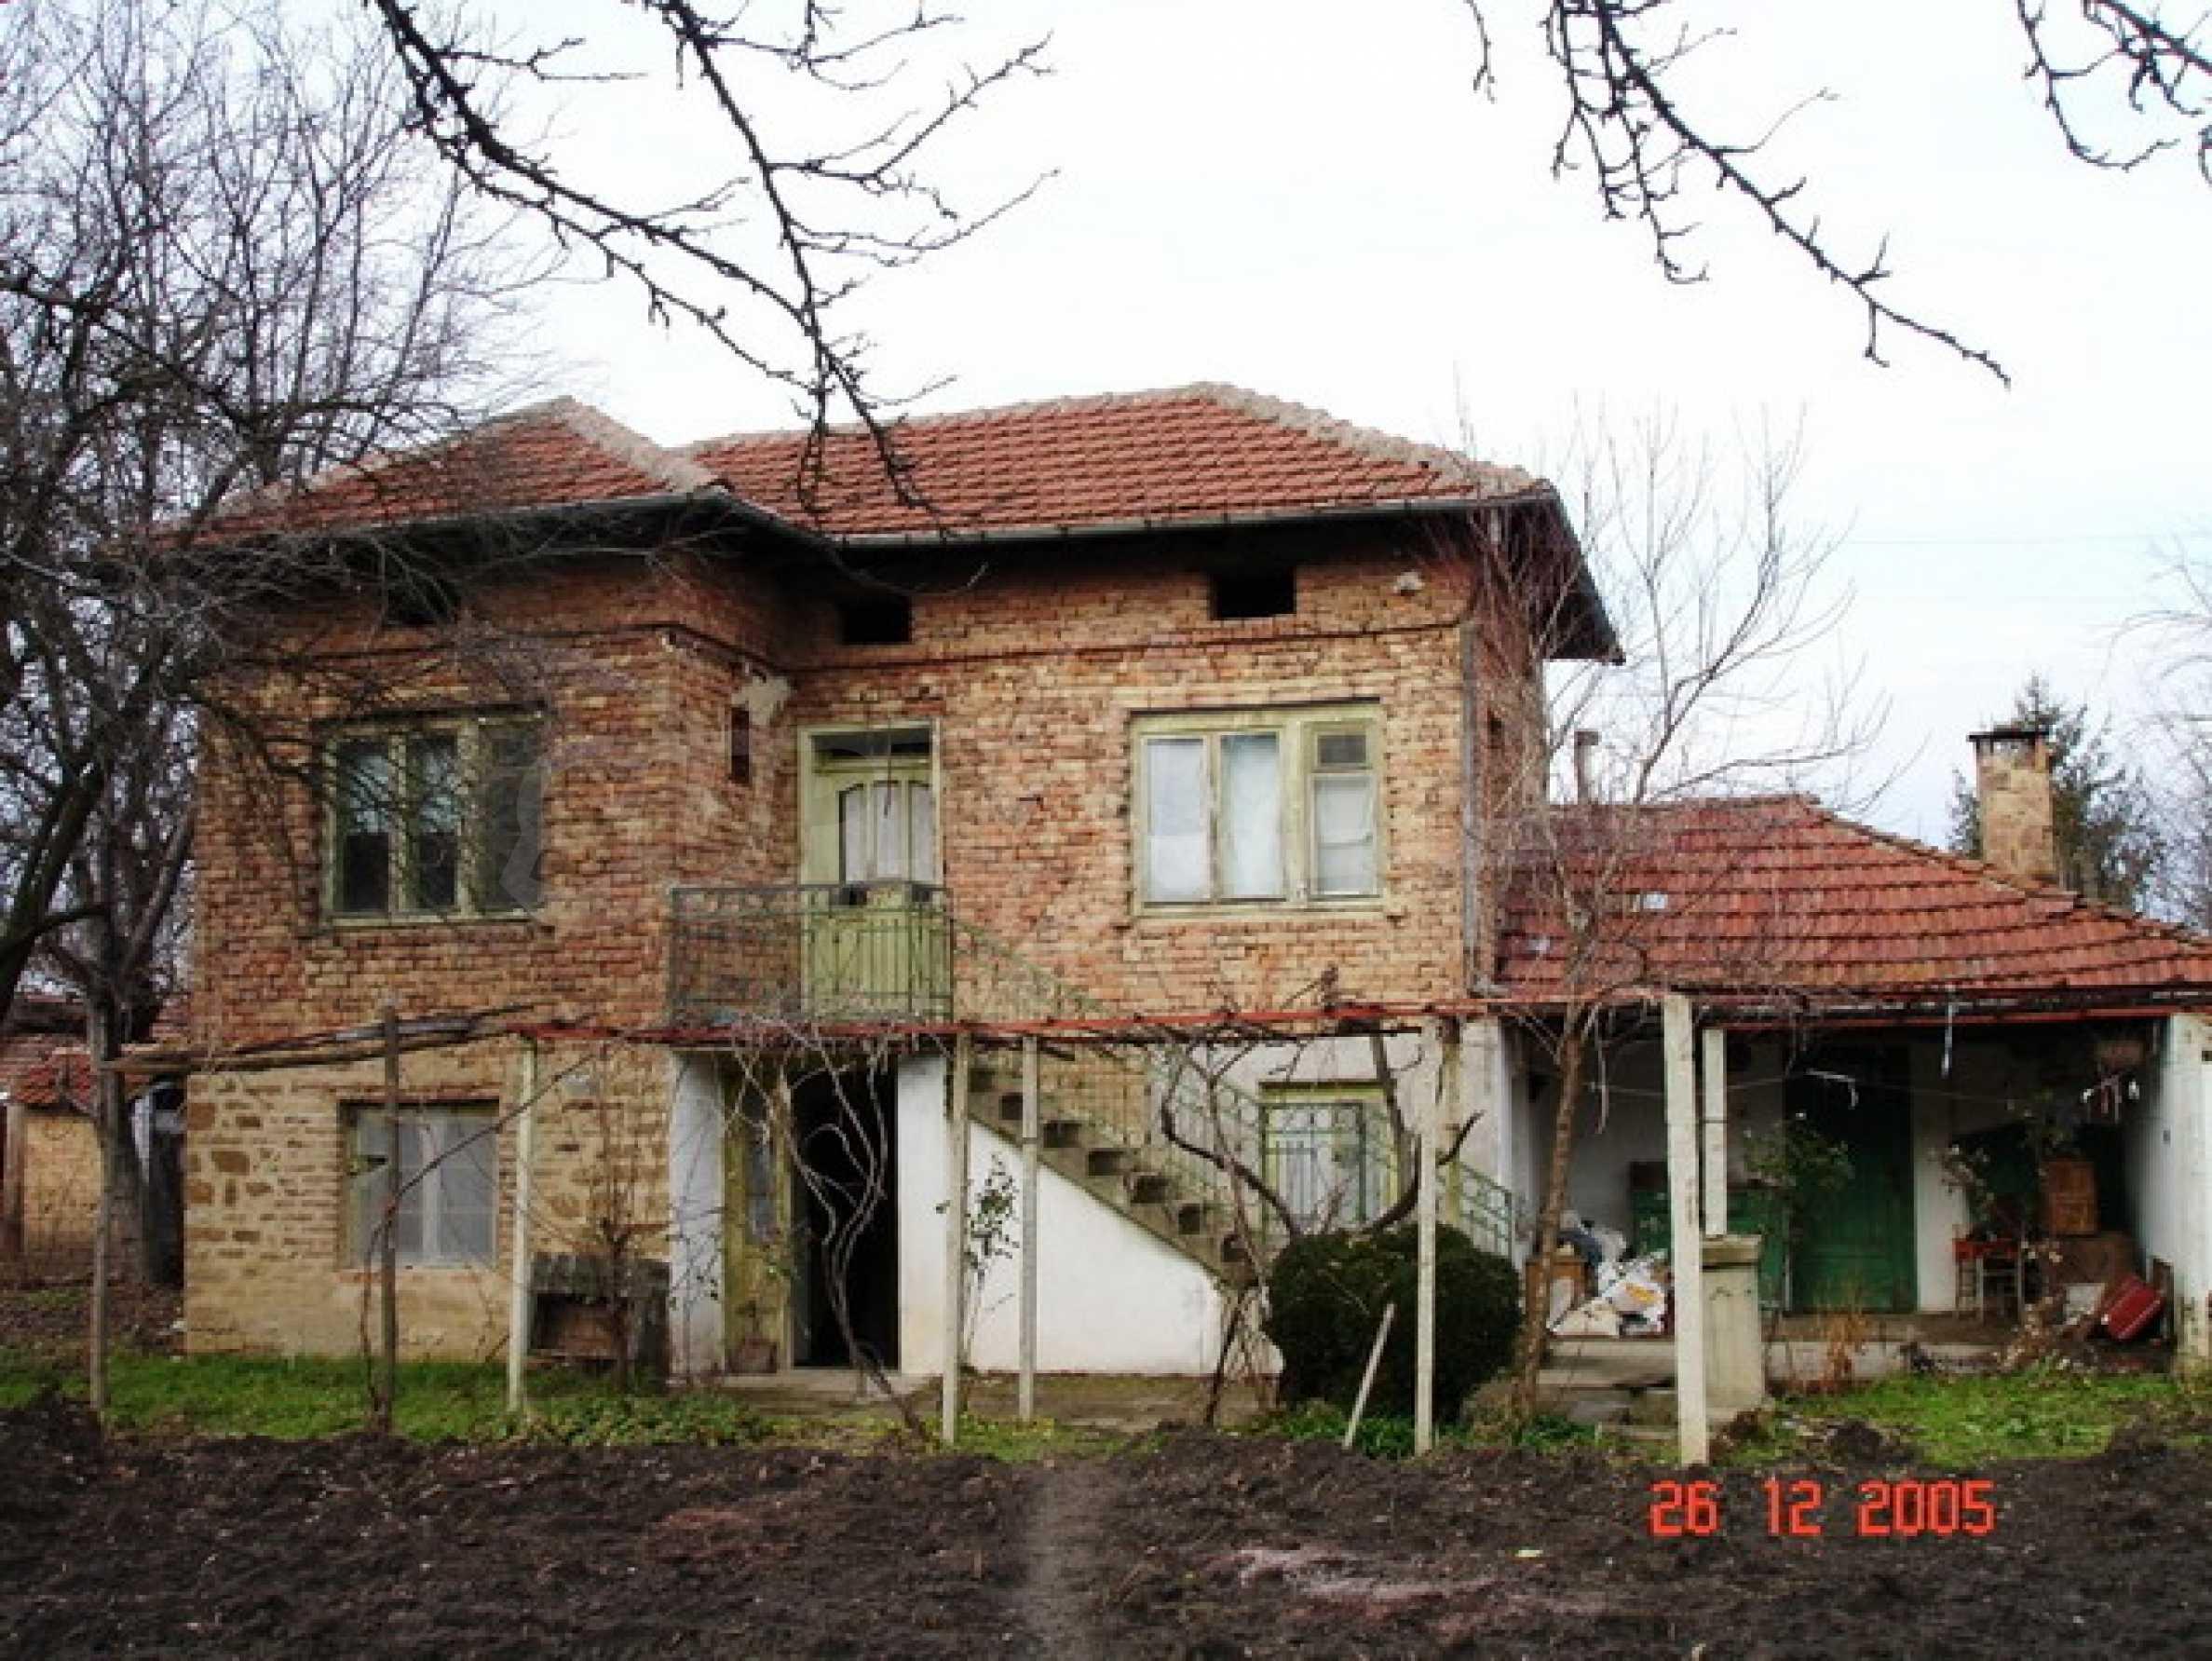 Brick-built village house